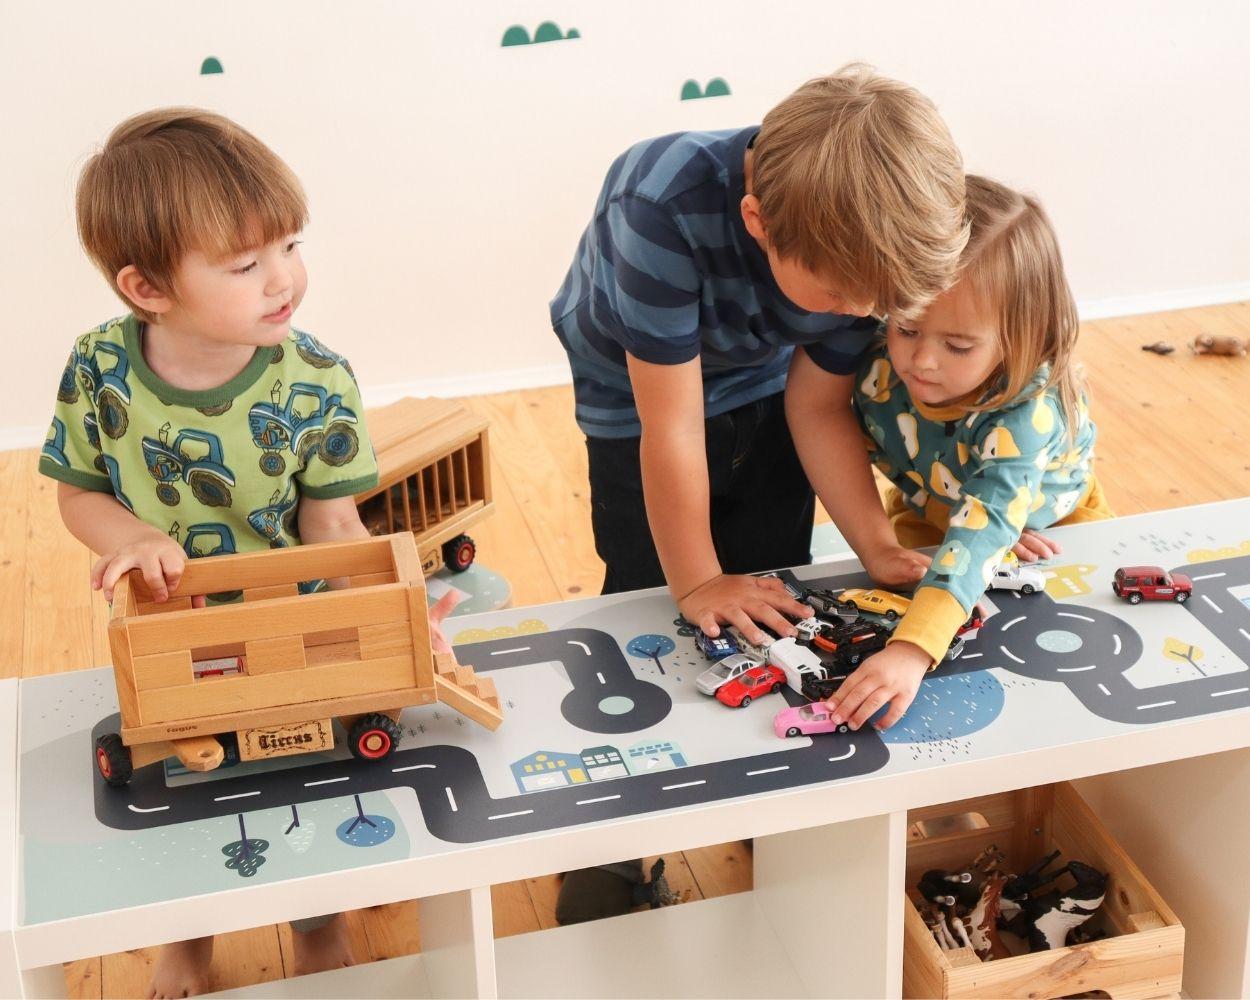 Spieltisch Klebefolie Smastraat mit Kindern